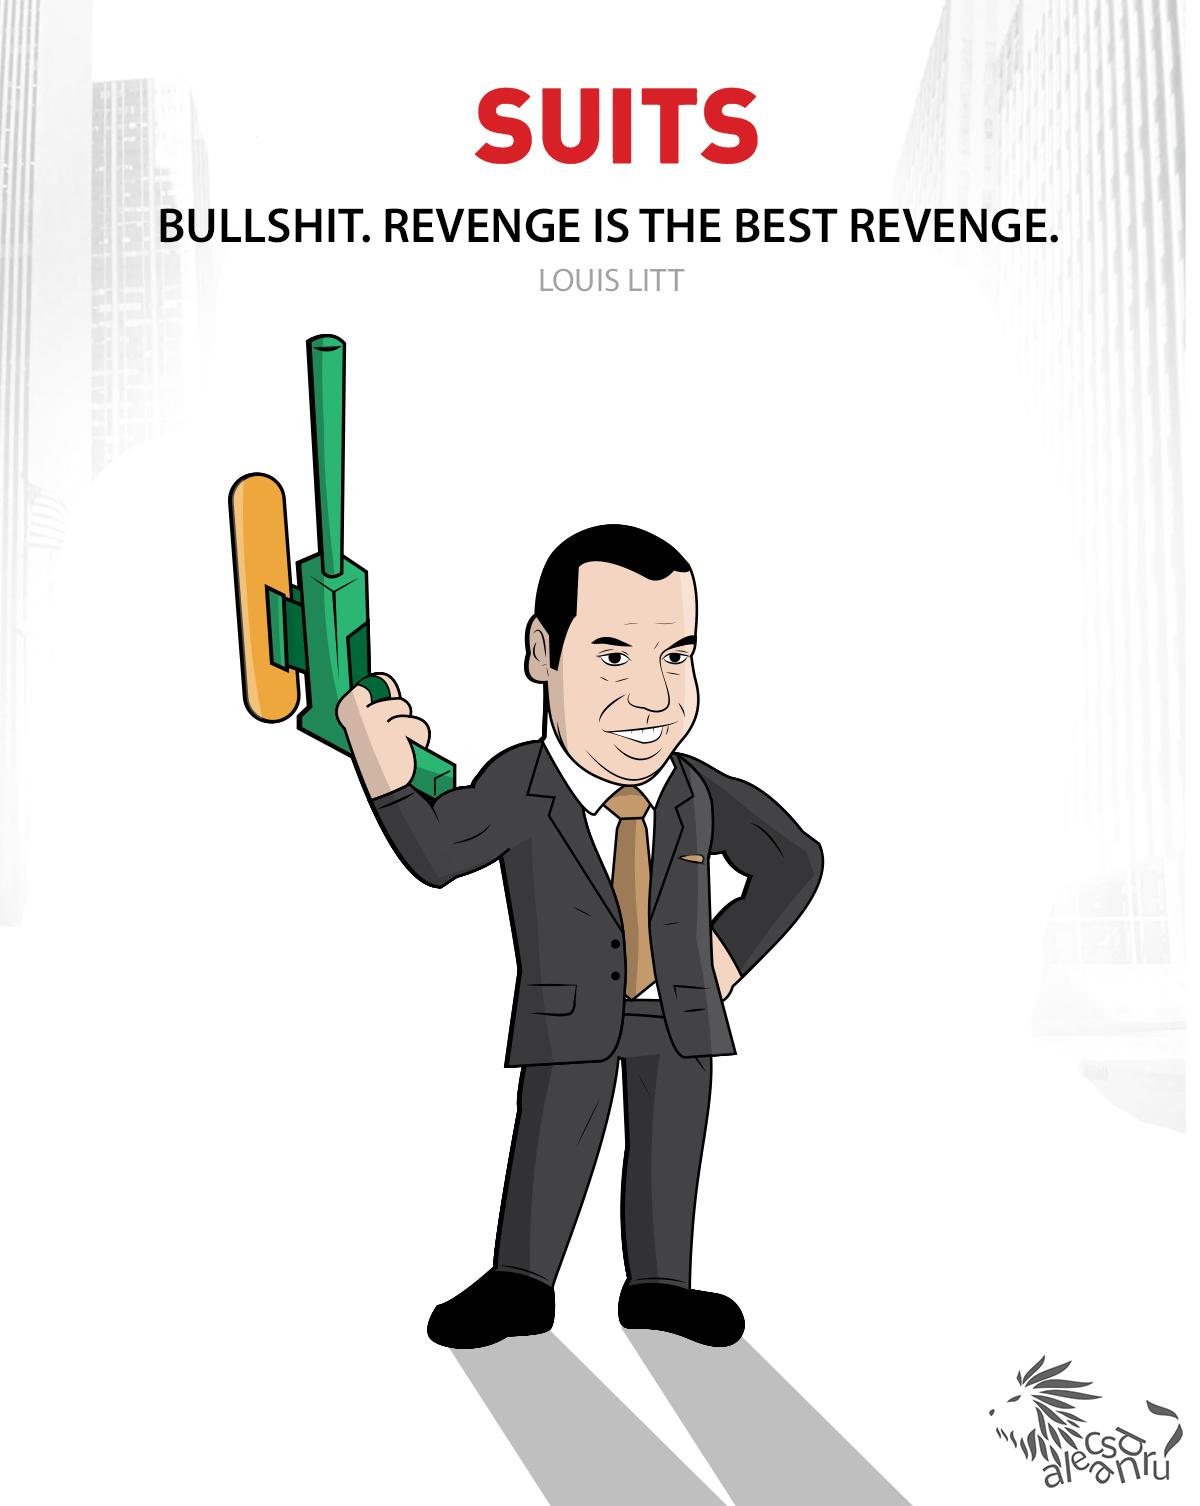 Revenge is the best revenge.